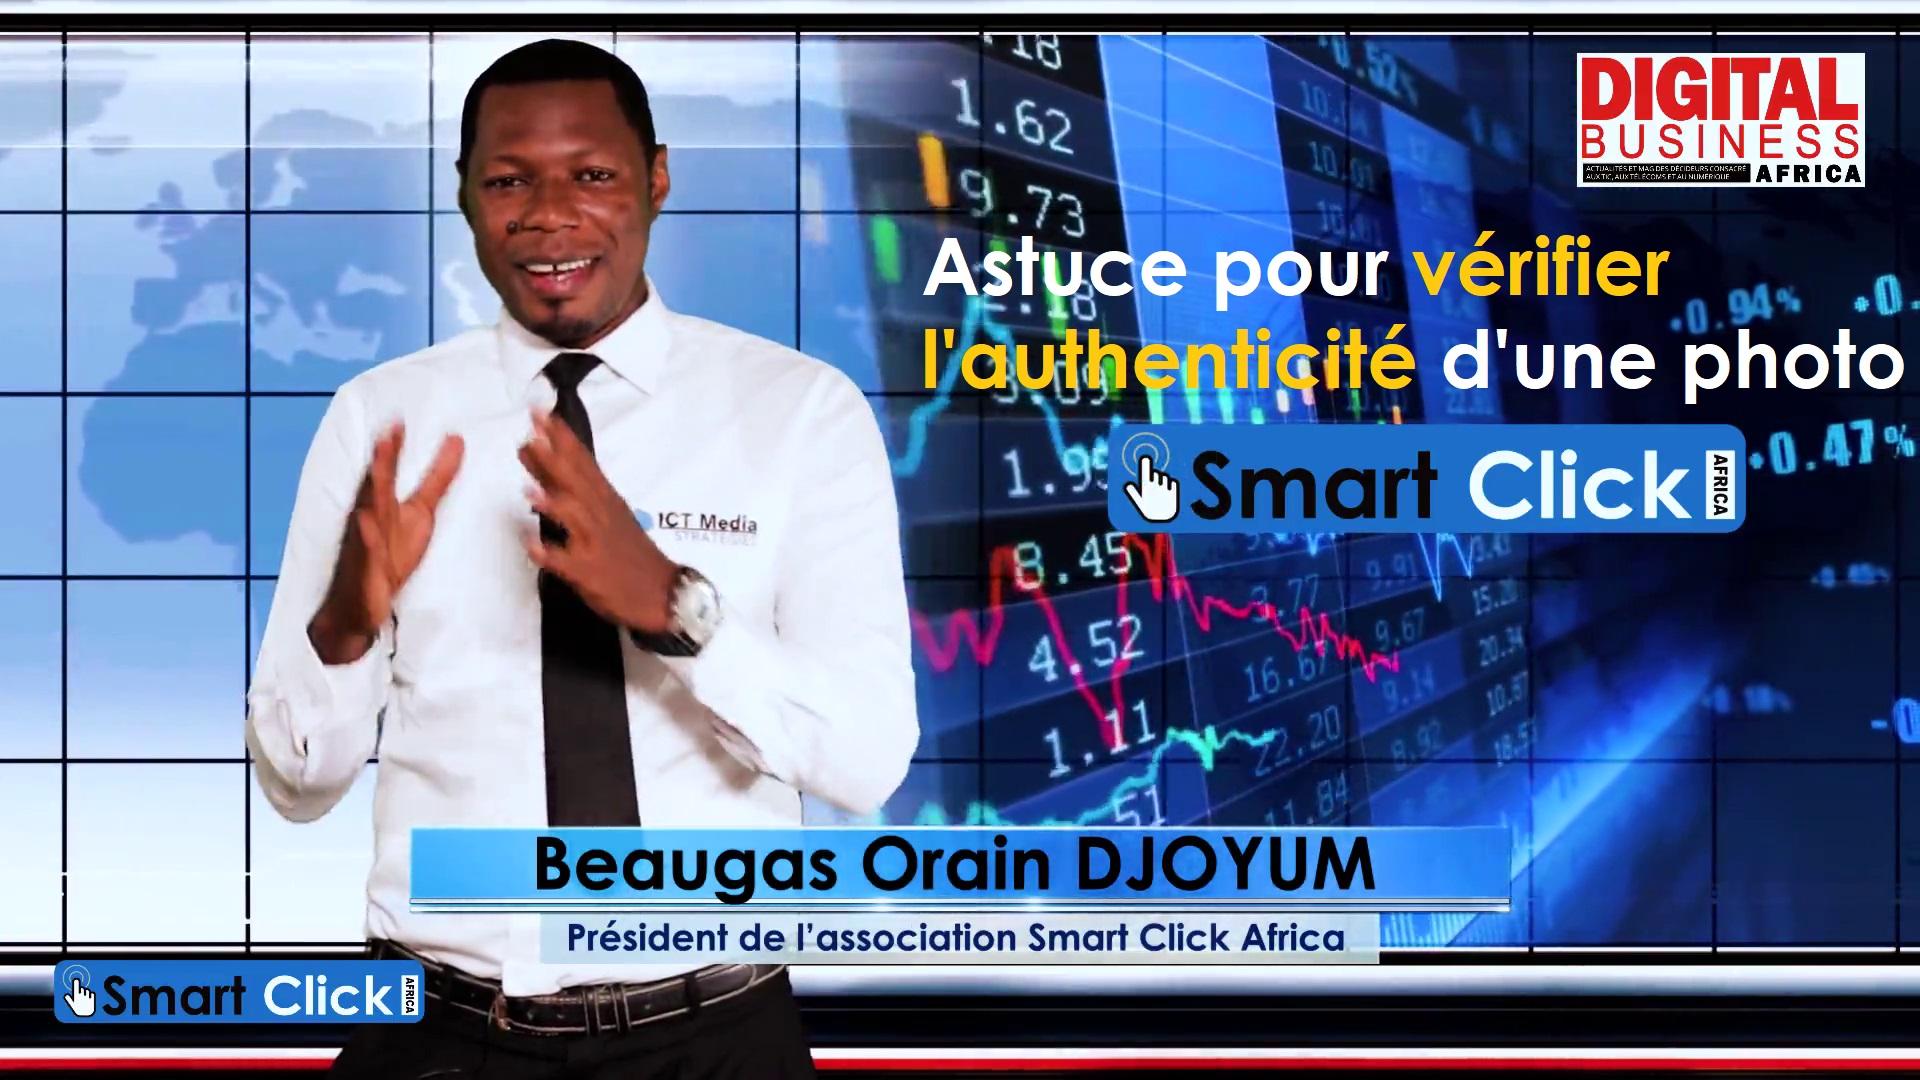 smart-click-africa-:-comment-verifier-l'authenticite-des-photos-via-son-smartphone-[video]